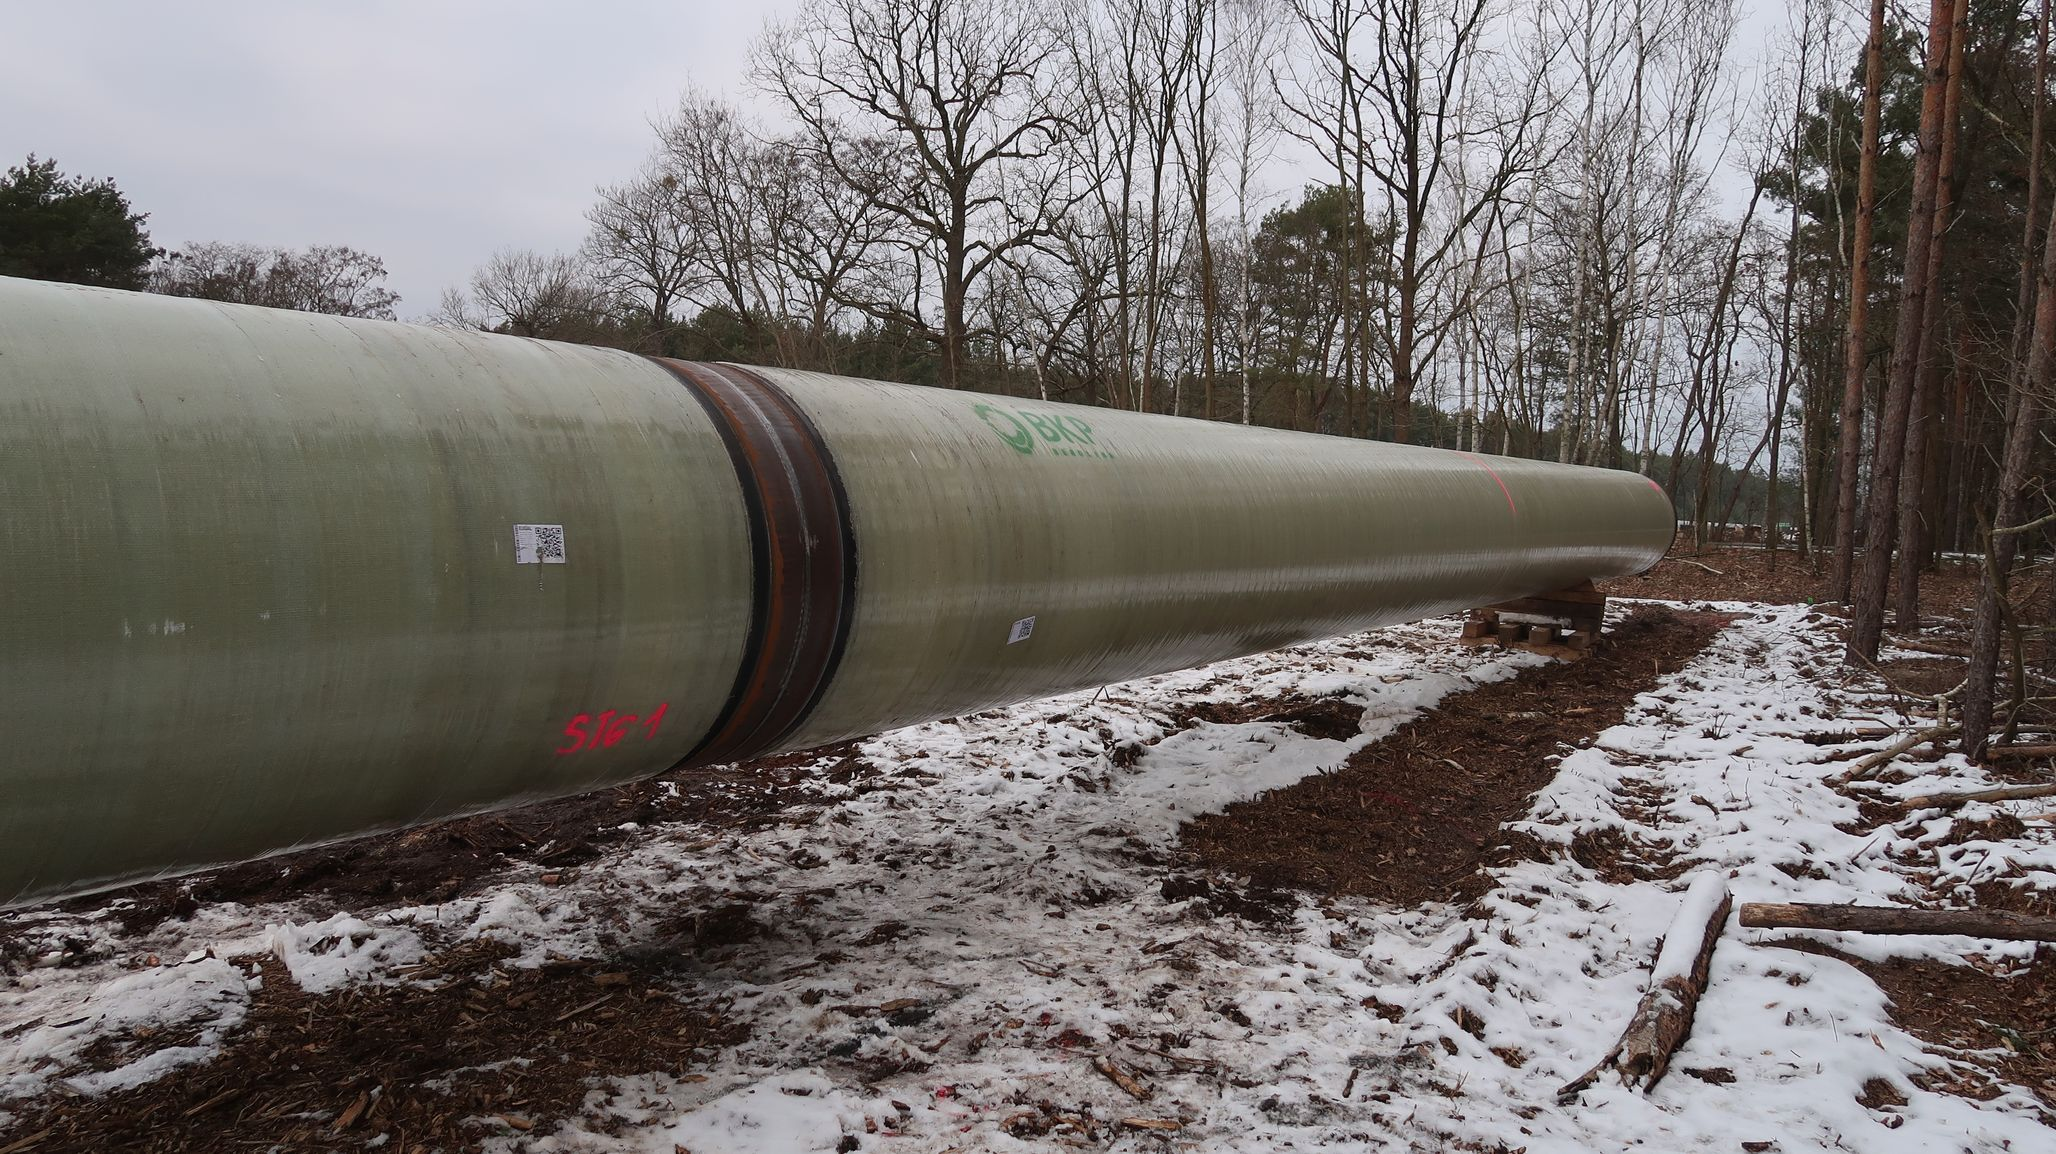 Bau der EUGAL-Ferngasleitung in Brandenburg im vollen Gange 8